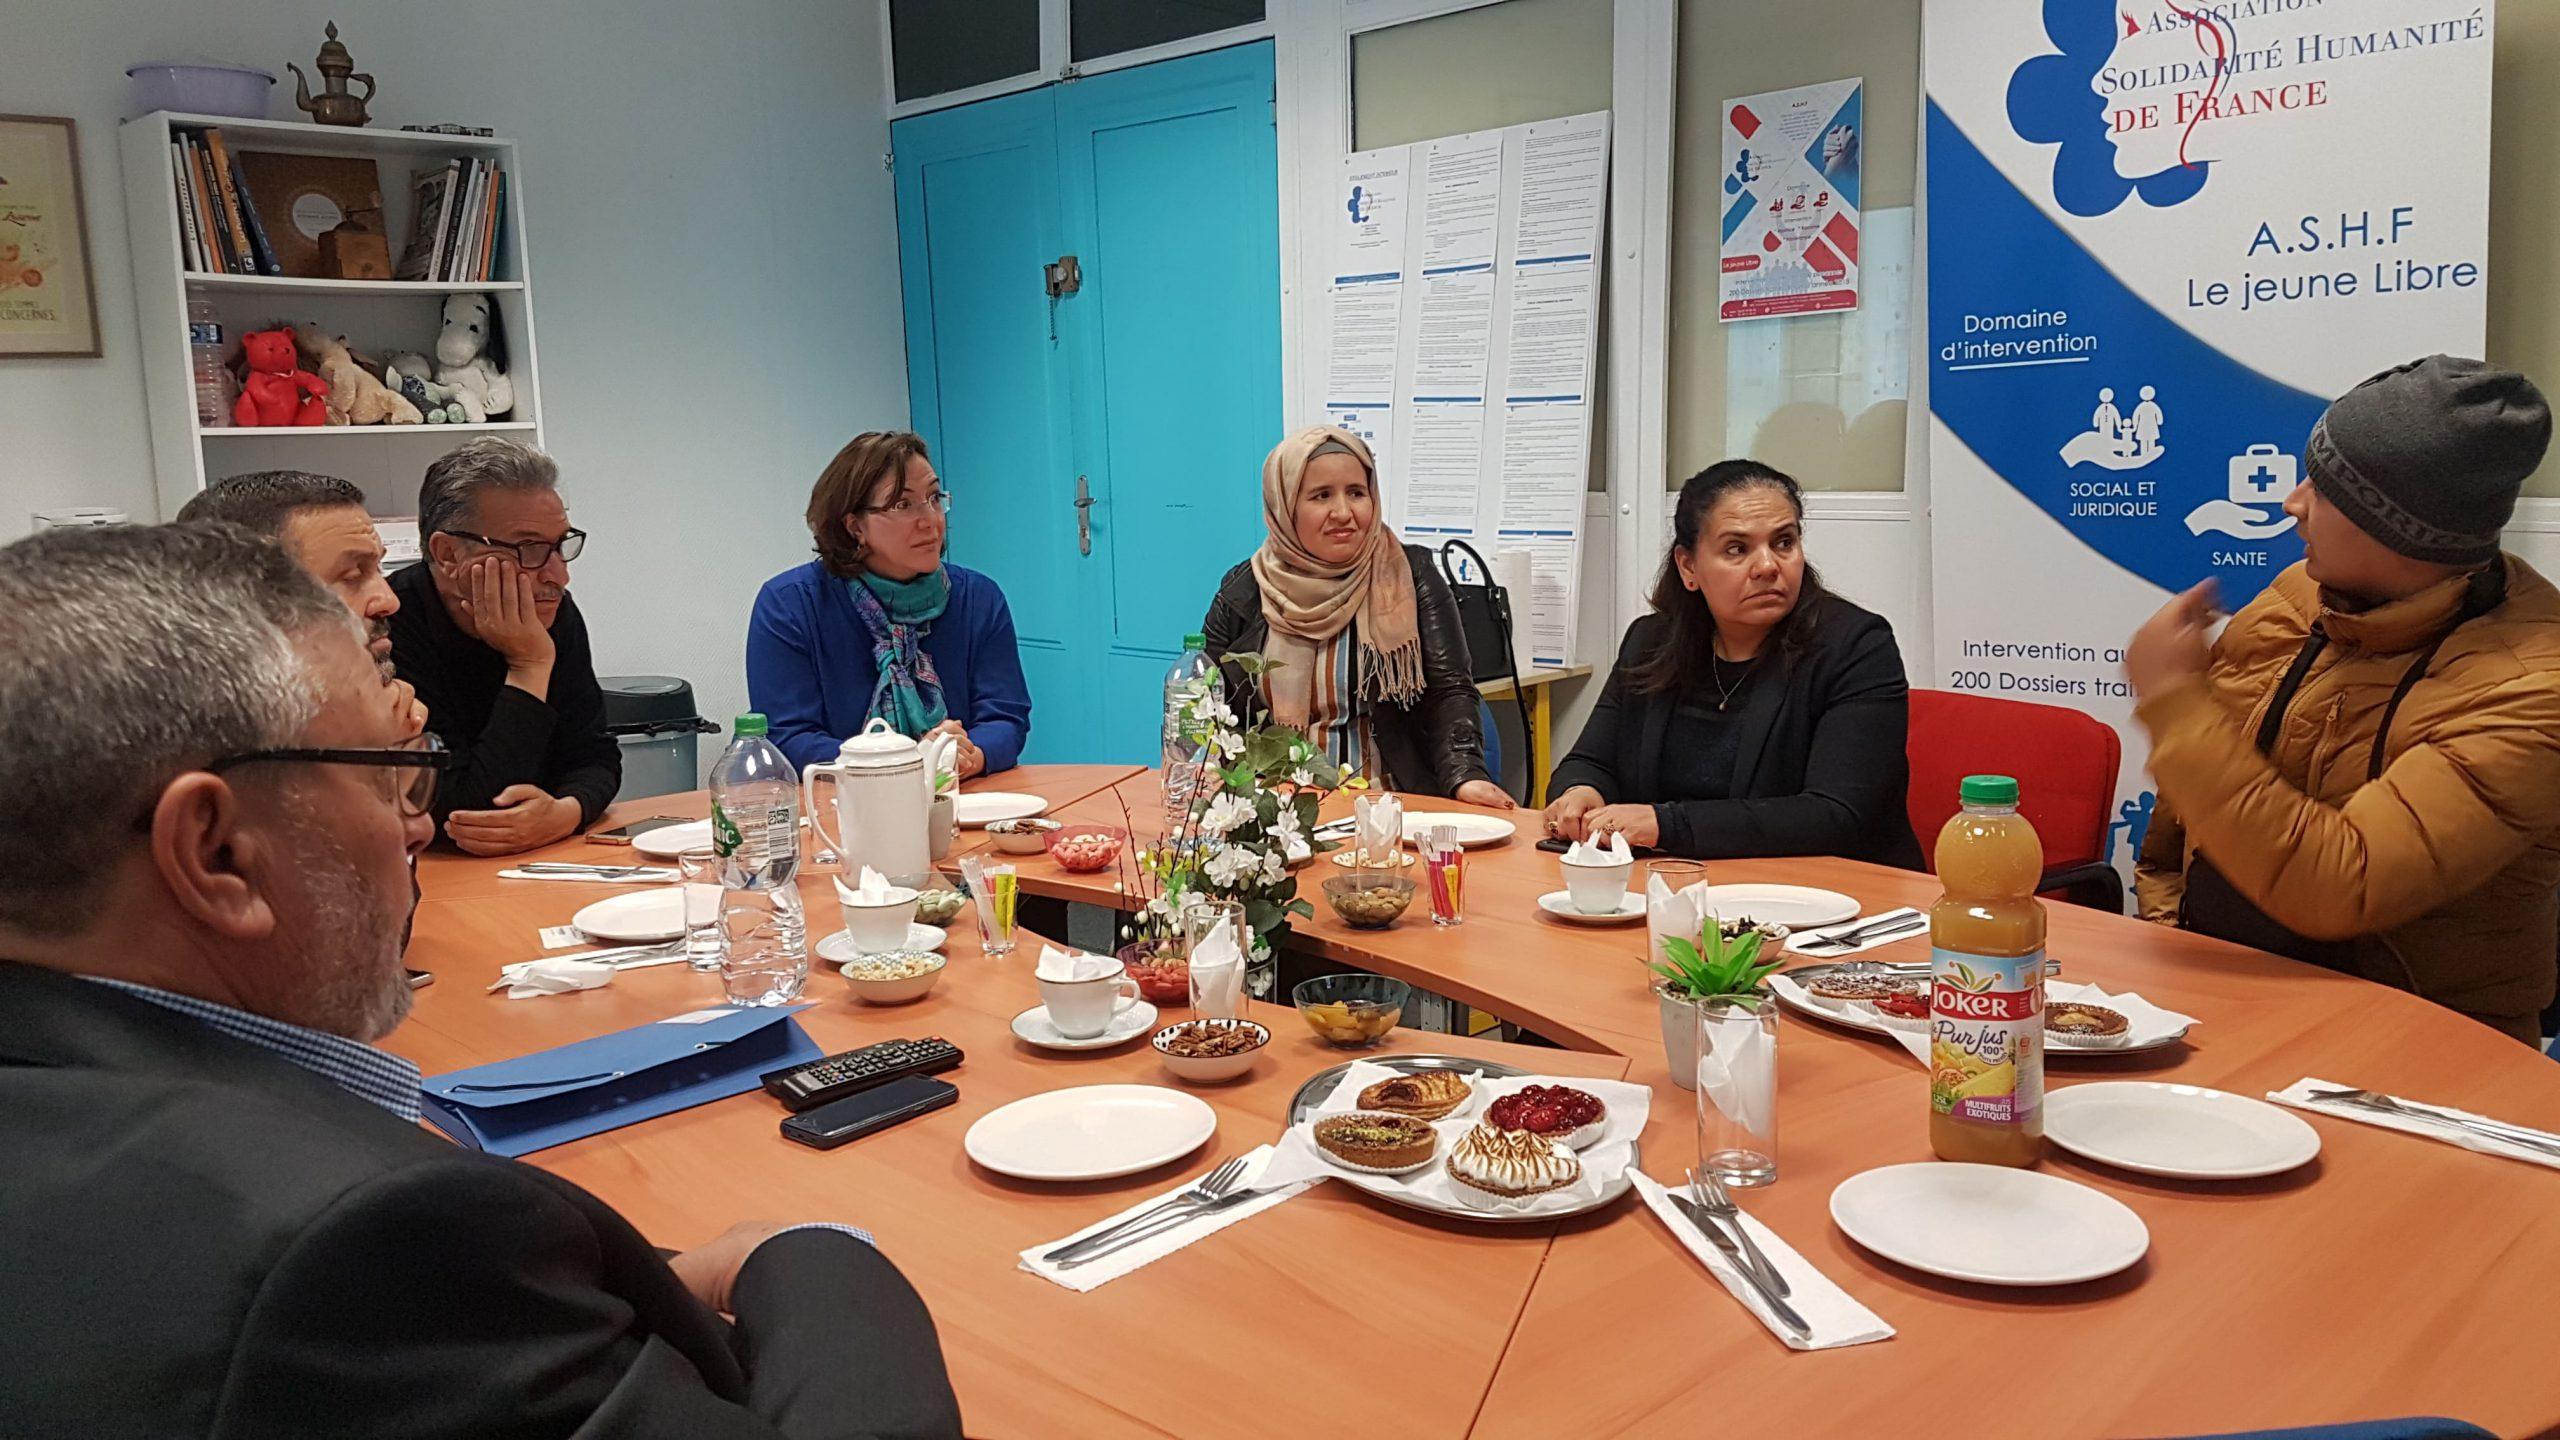 Image illustrant la réunion des membres de l'association avec un malade